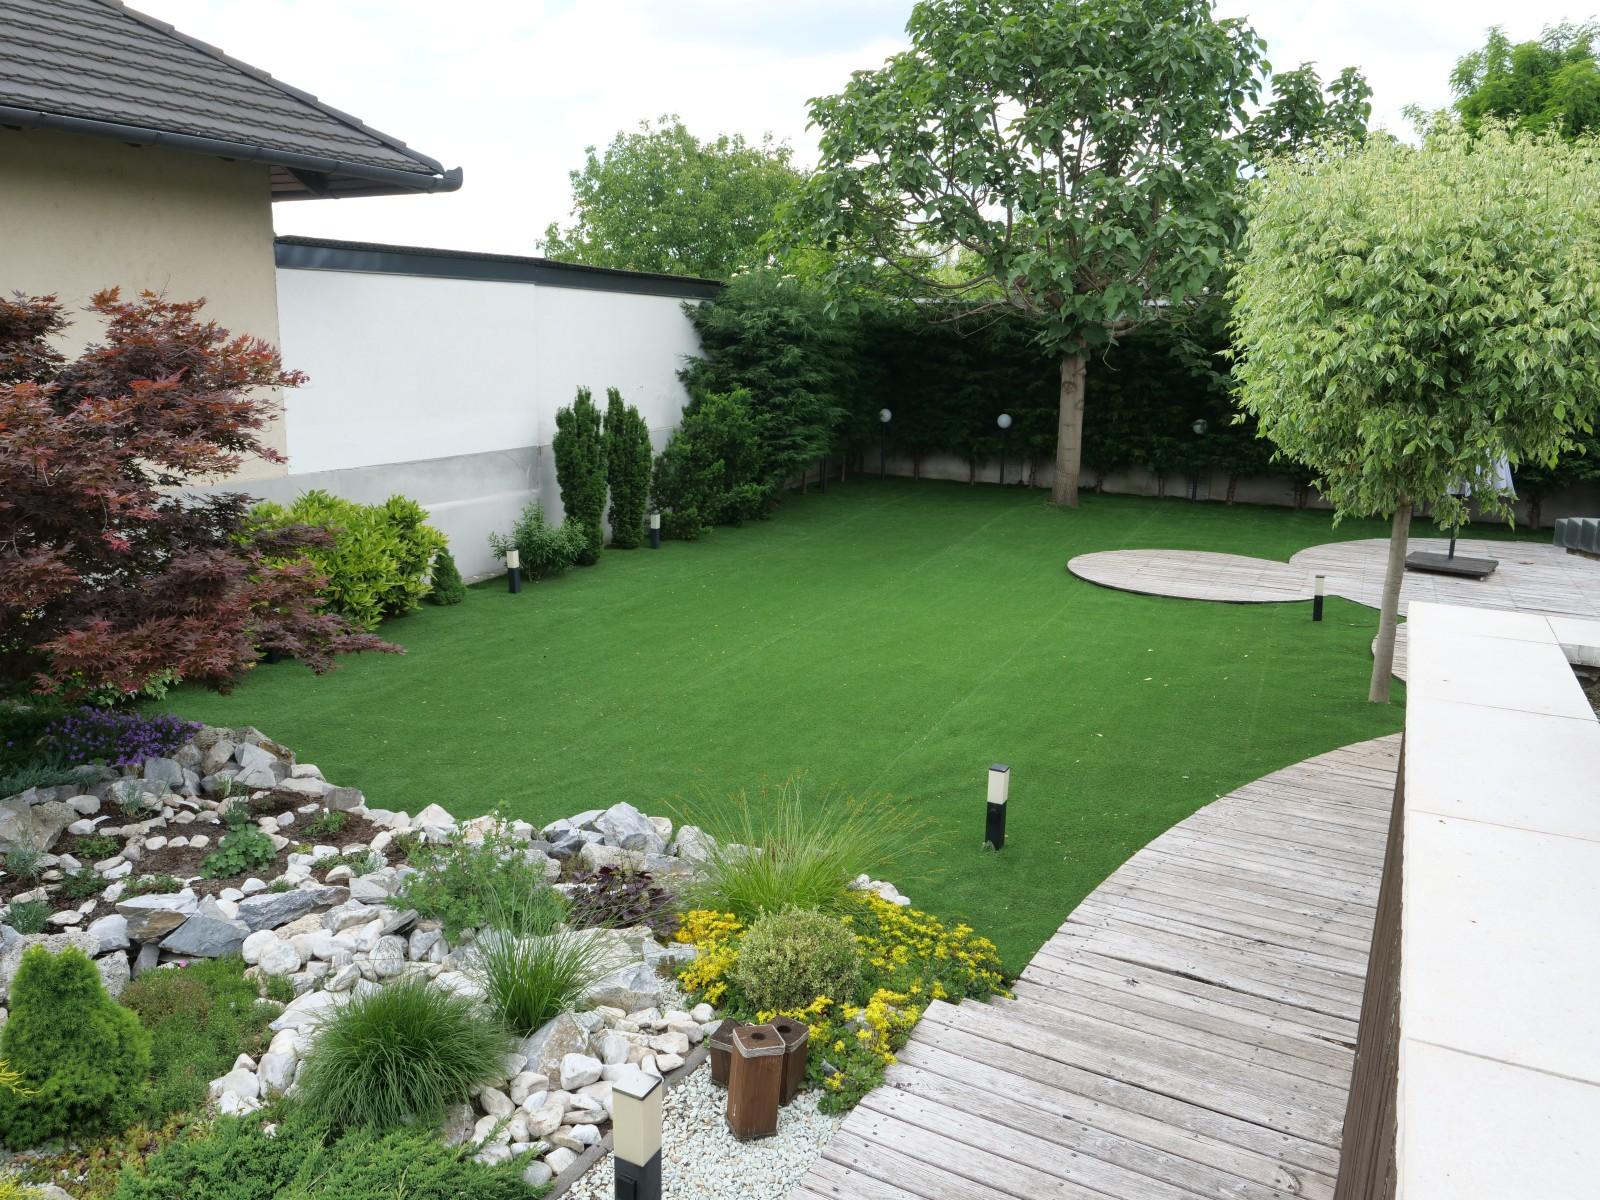 A műfű lerakása után 3 nap alatt megszépült a kert, így ismét lehet vendégeket fogadni, grillezni, sportolni, pihenni!